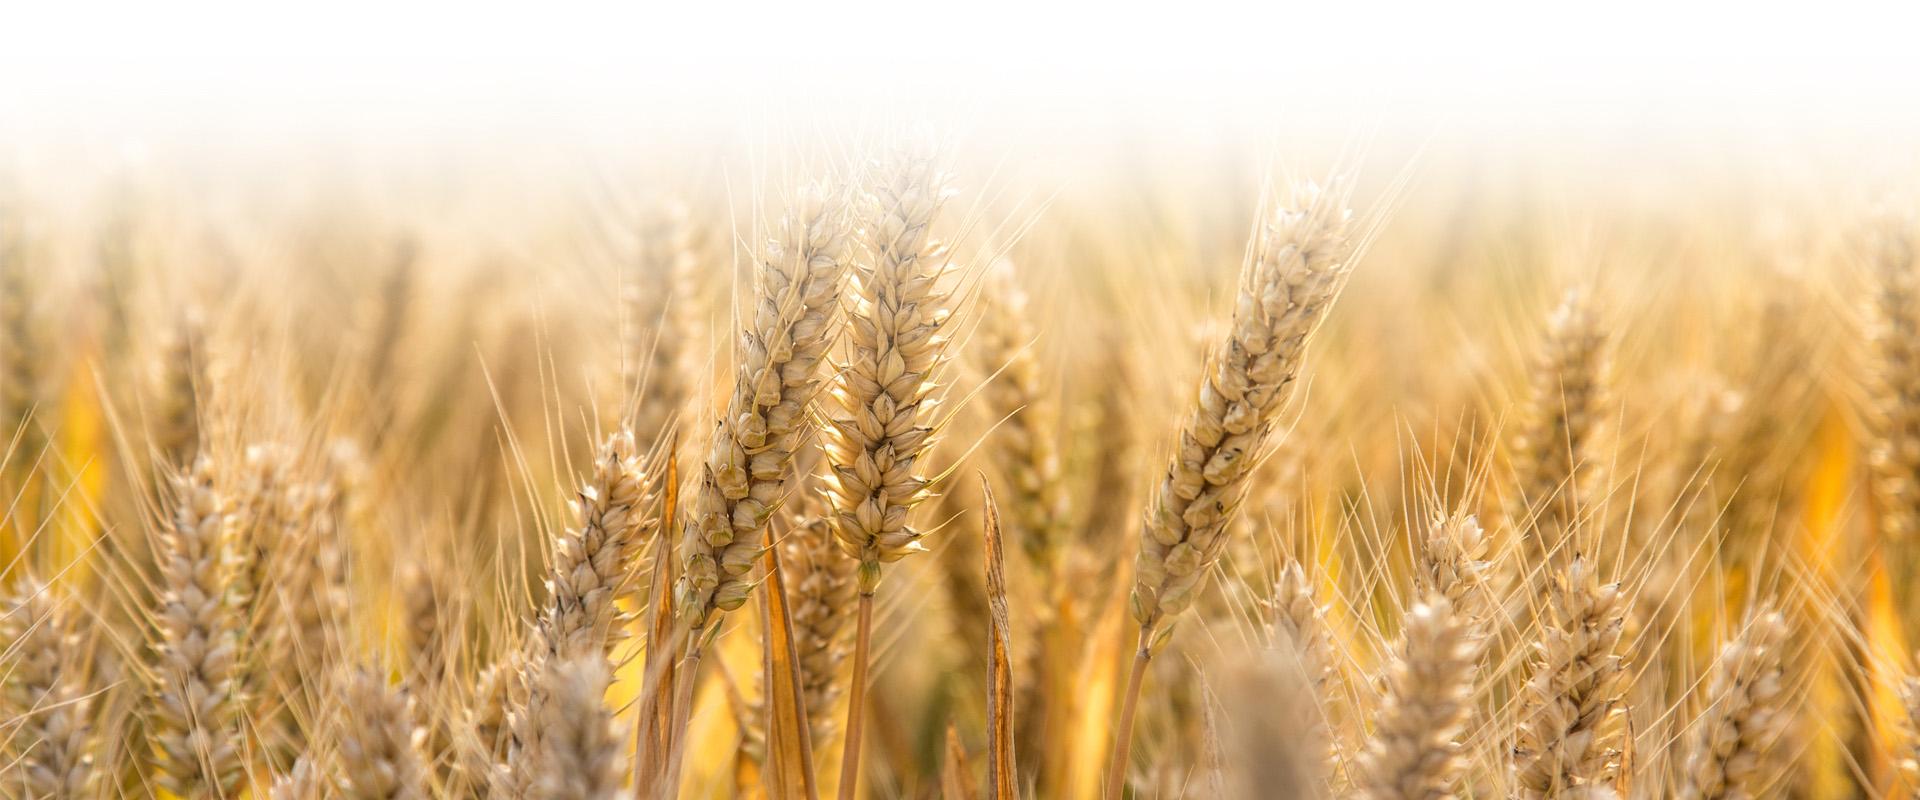 Champ de blé Nutrifrance